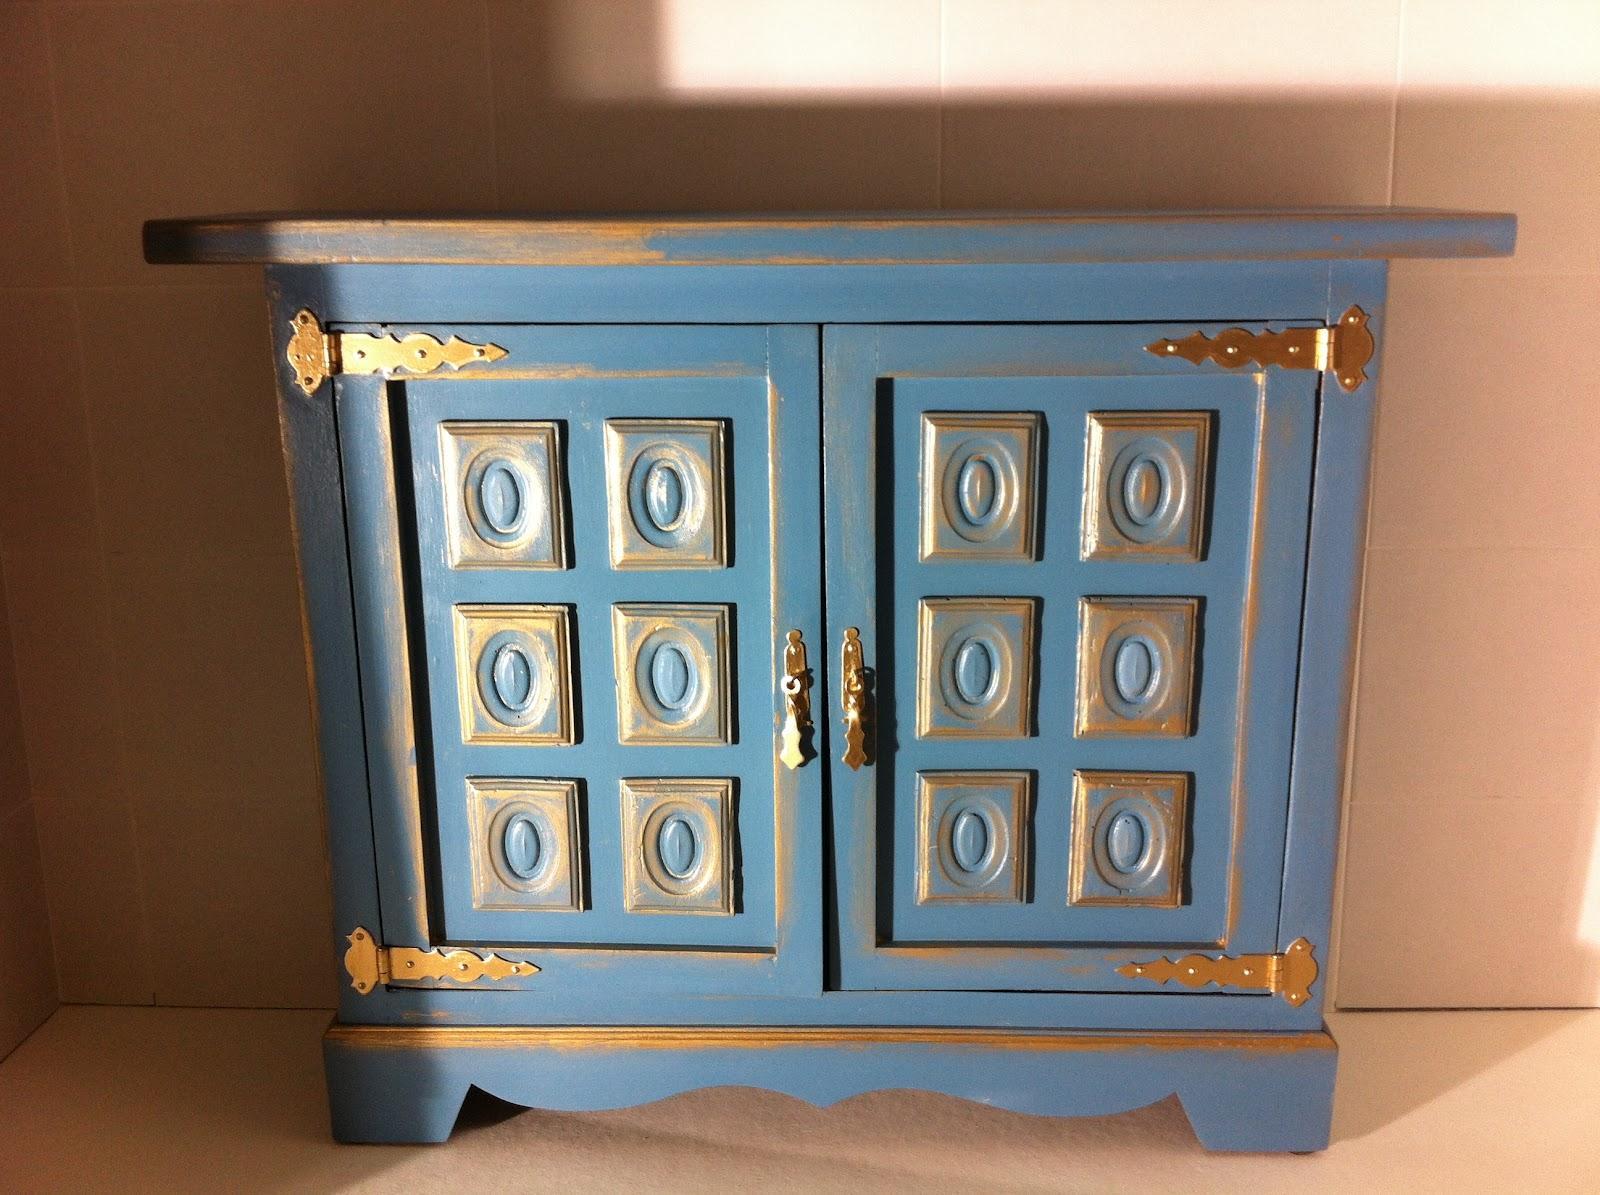 Mueble tag p tula plas muebles y decoraci n - Modernizar muebles clasicos ...